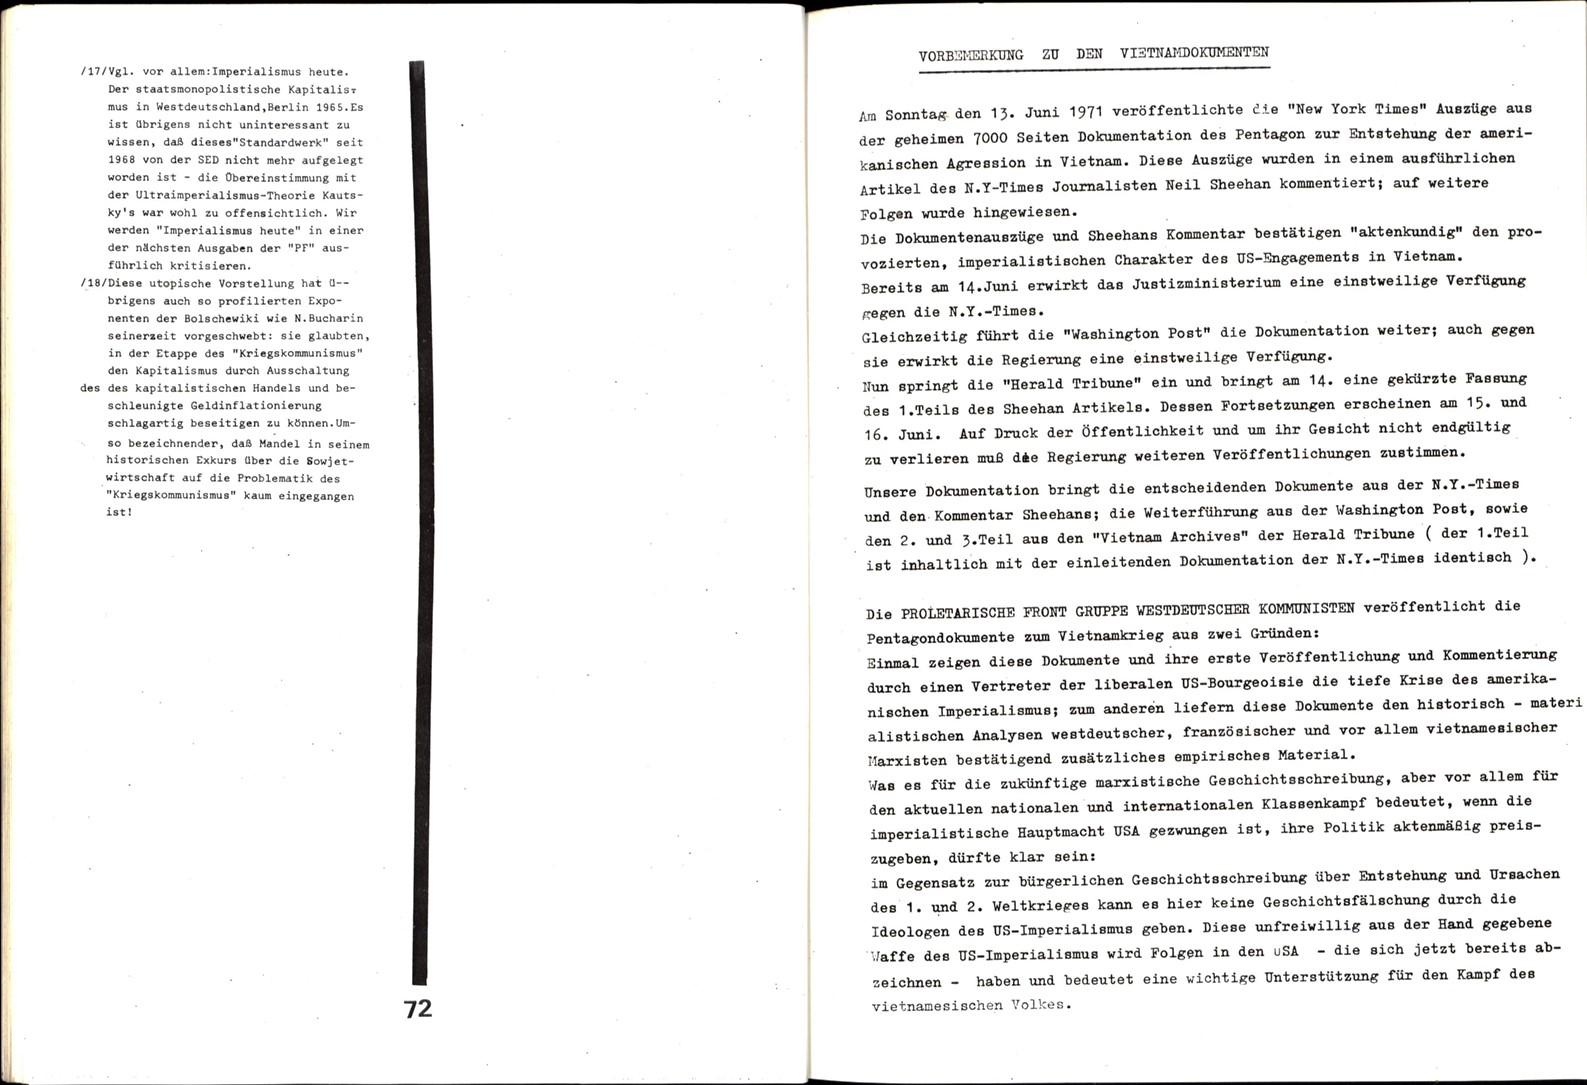 Proletarische_Front_1971_02_03_38